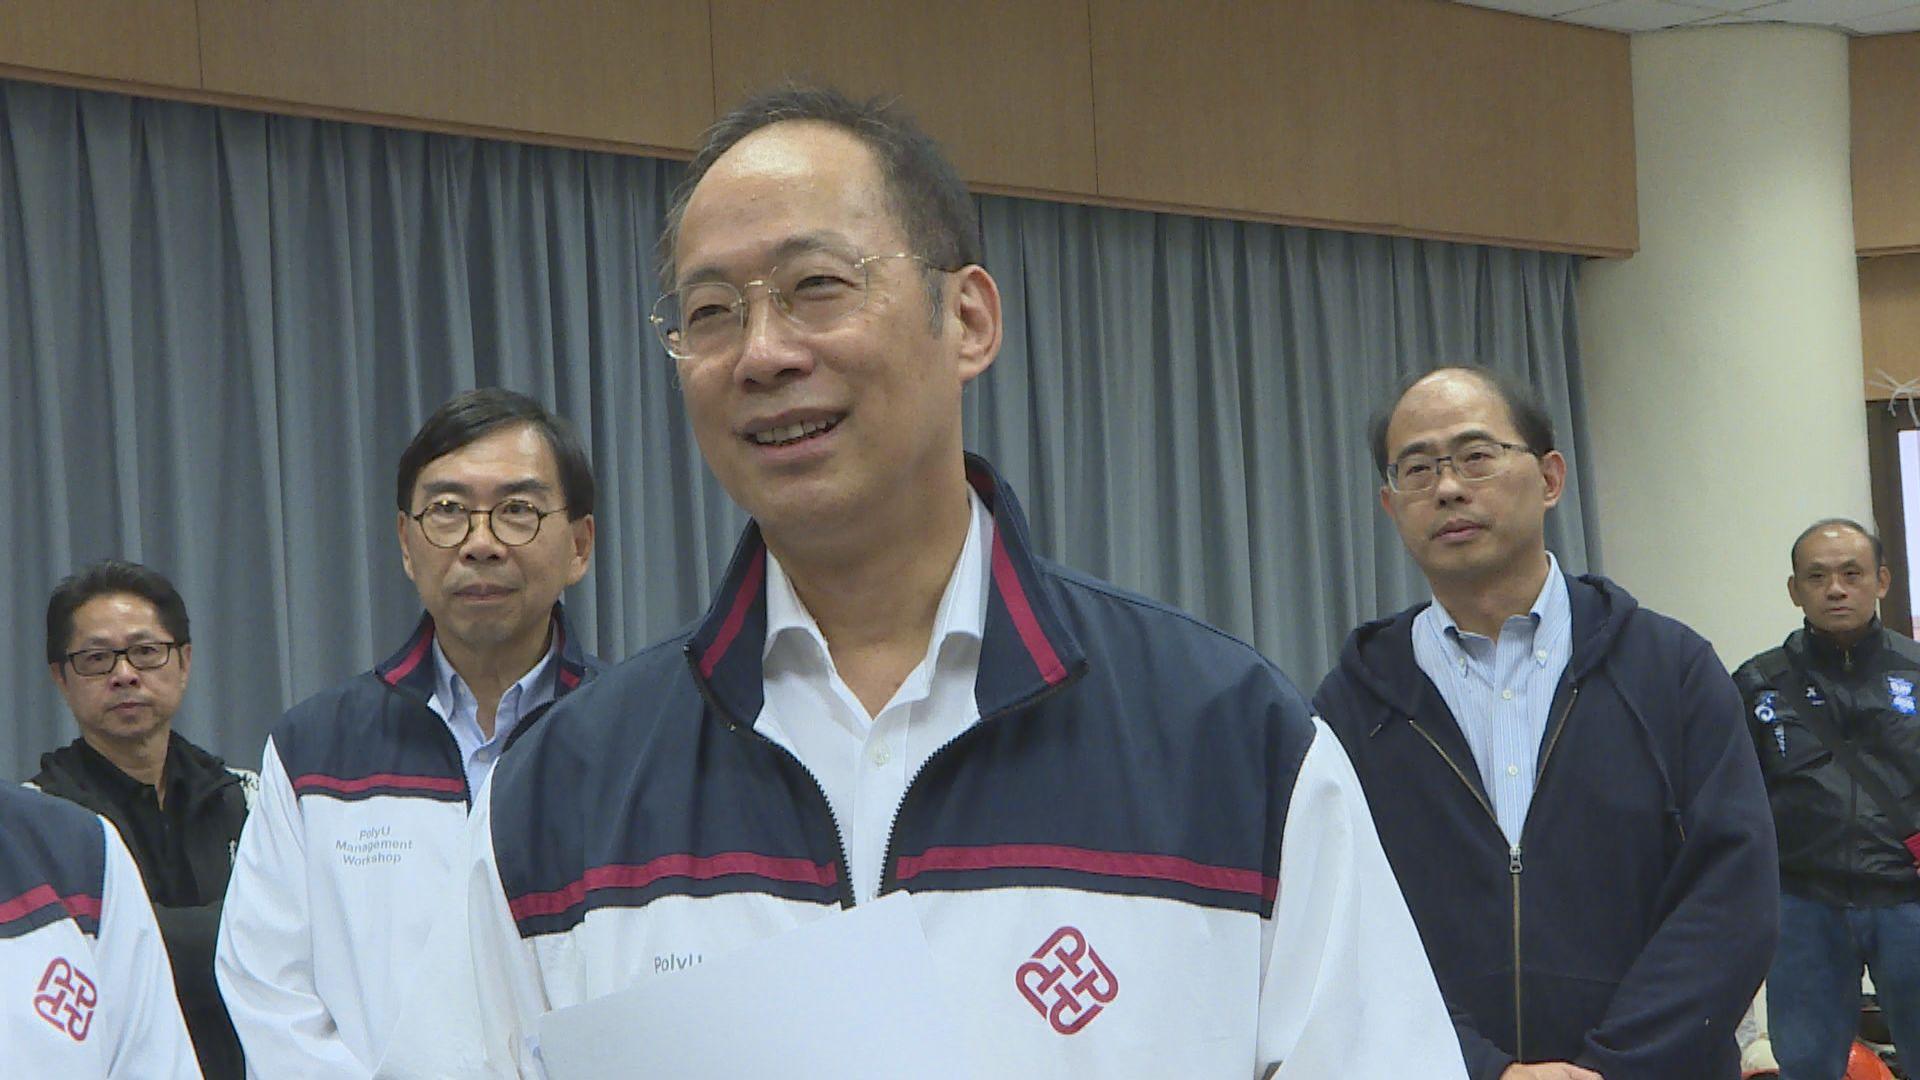 消息:衛炳江為浸會大學下任校長唯一候選人